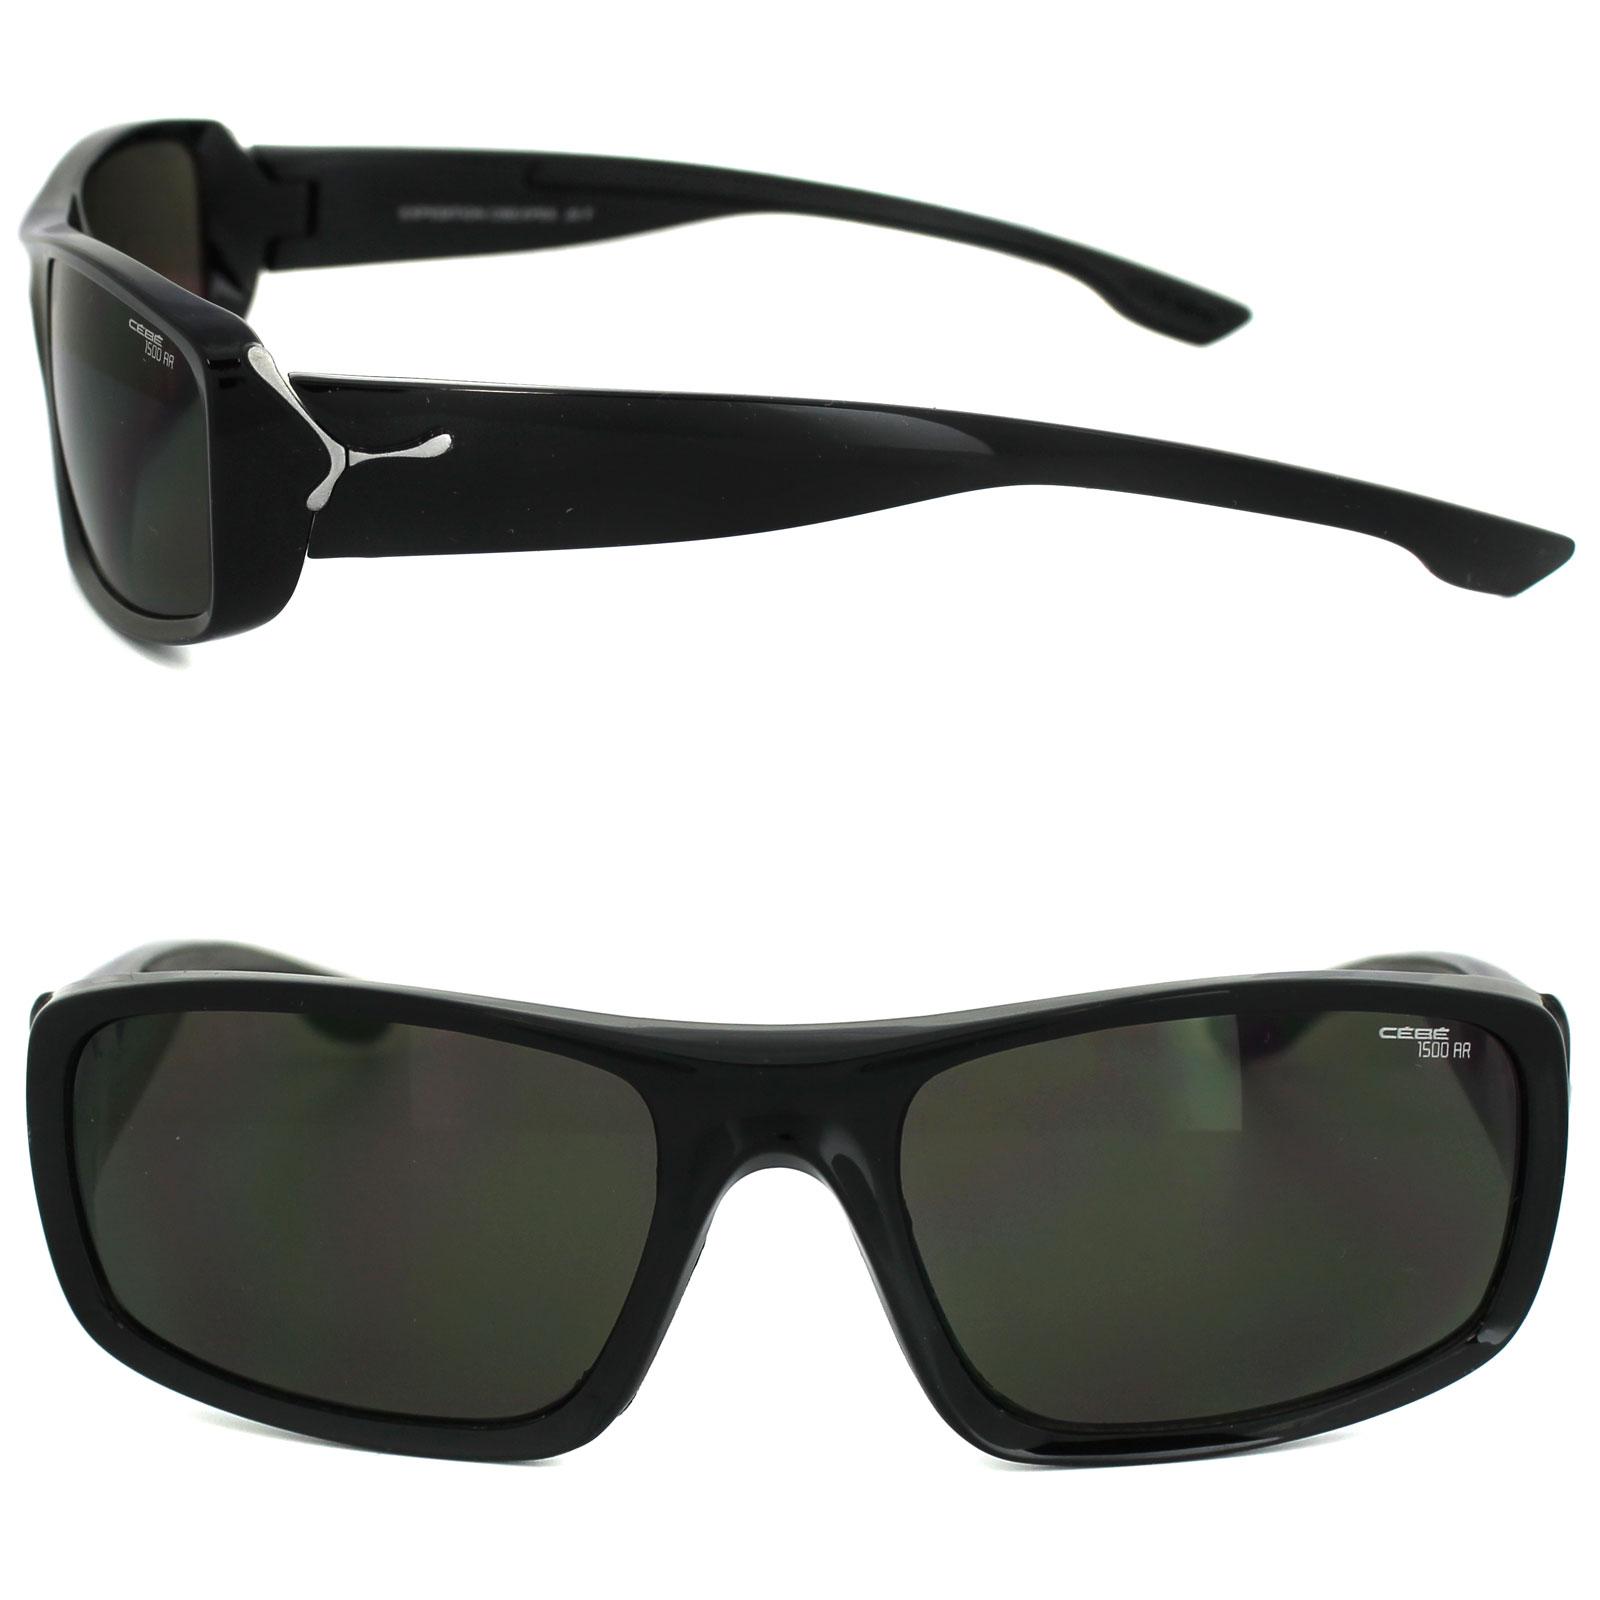 6bd52f80e34 Sentinel Cebe Sunglasses Expedition CBEXPE6 Shiny Black Grey Anti-Reflective